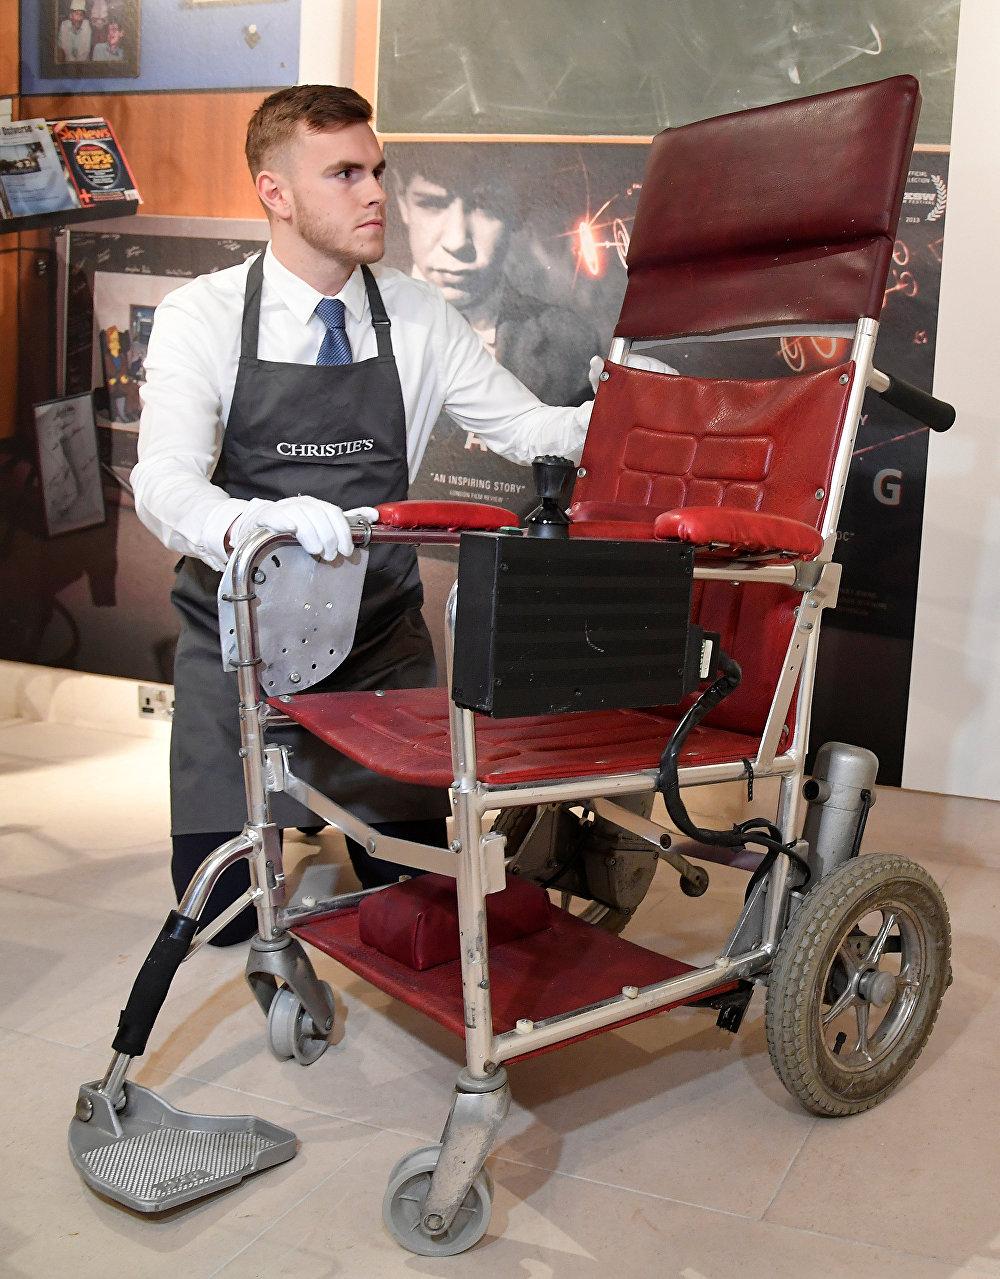 الكرسي المتحرك للعالم البريطاني الراحل ستيفن هوكينغ في دار مزادات كريستيز، 8 نوفمبر/تشرين الثاني 2018